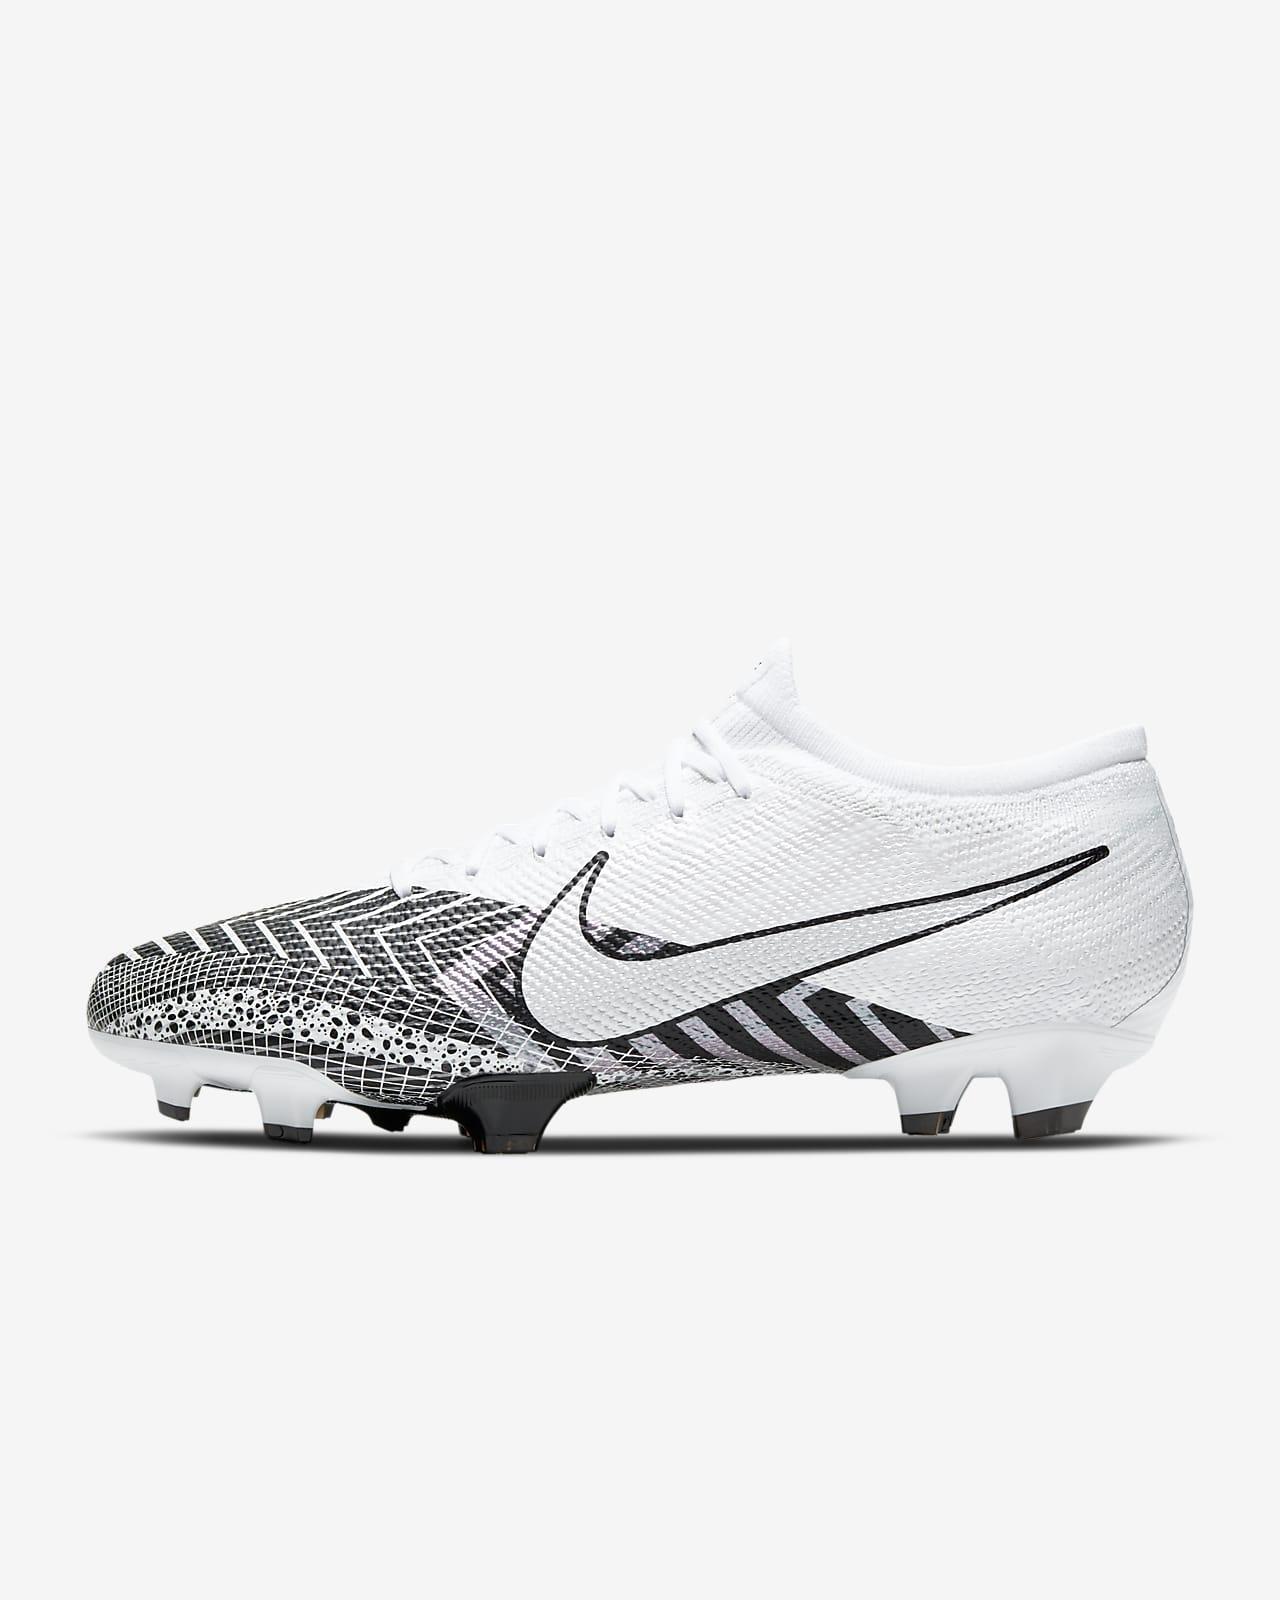 Nike Mercurial Vapor 13 Pro MDS FG Fußballschuh für normalen Rasen